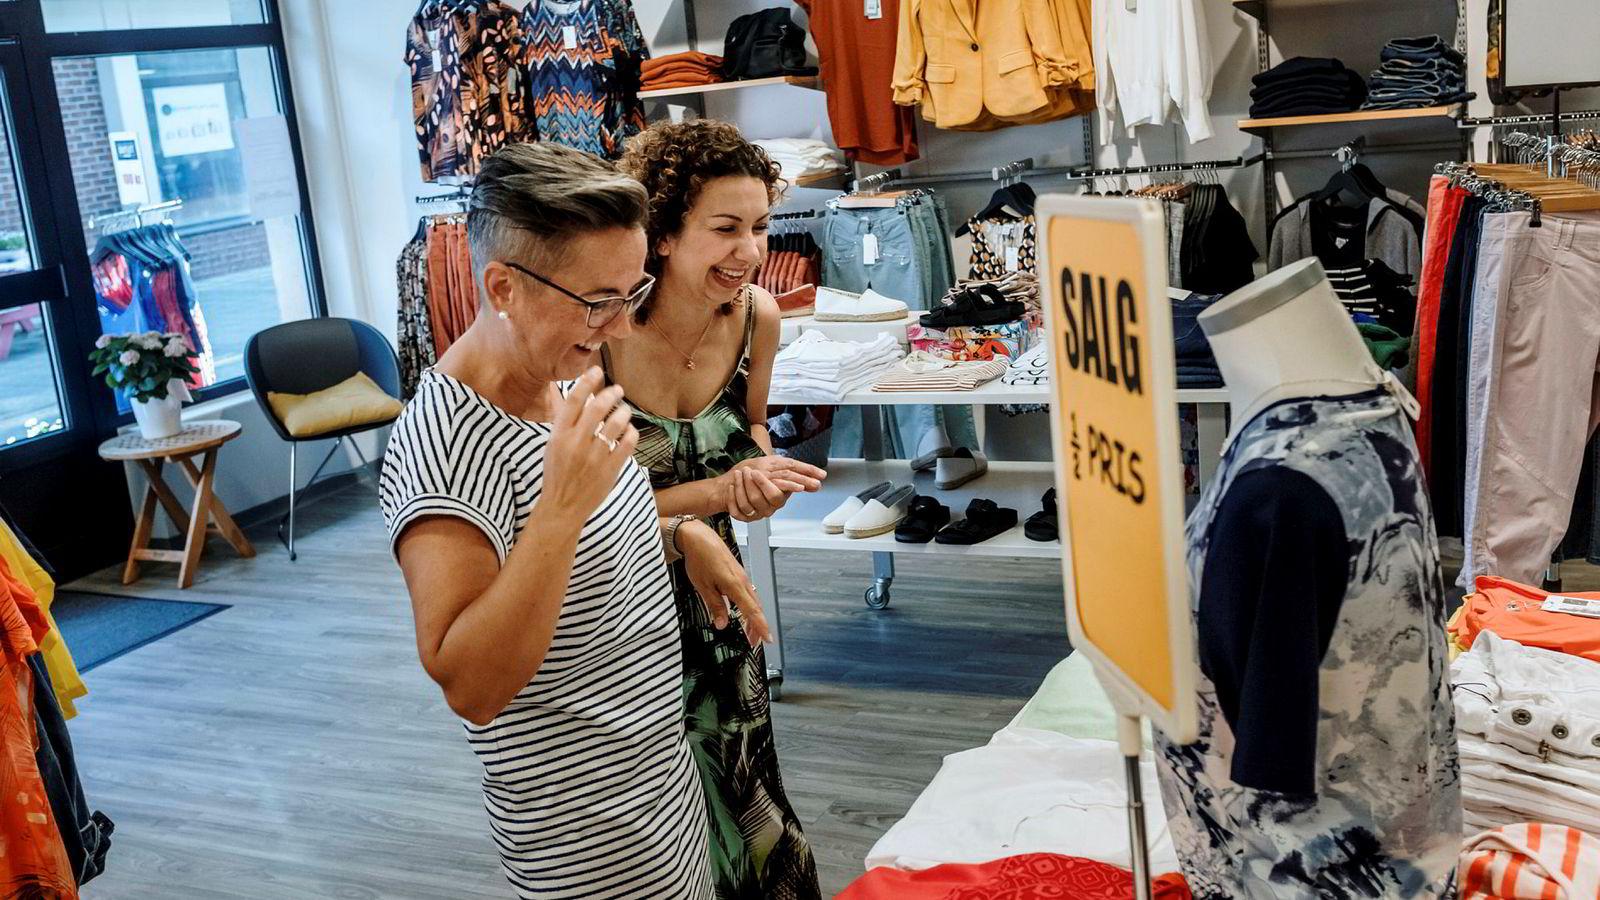 I Fosnavåg ytterst på Sunnmøre har lokale familier skapt flere klesbutikker, og hos A. Sævik jobber både Bente Volsund (til venstre) og Valentina Hjorthaug deltid. Fosnavåg ligger i Herøy kommune, der lønnsgapet mellom kvinner og menn er i norgestoppen, blant annet fordi en stor andel menn jobber offshore.